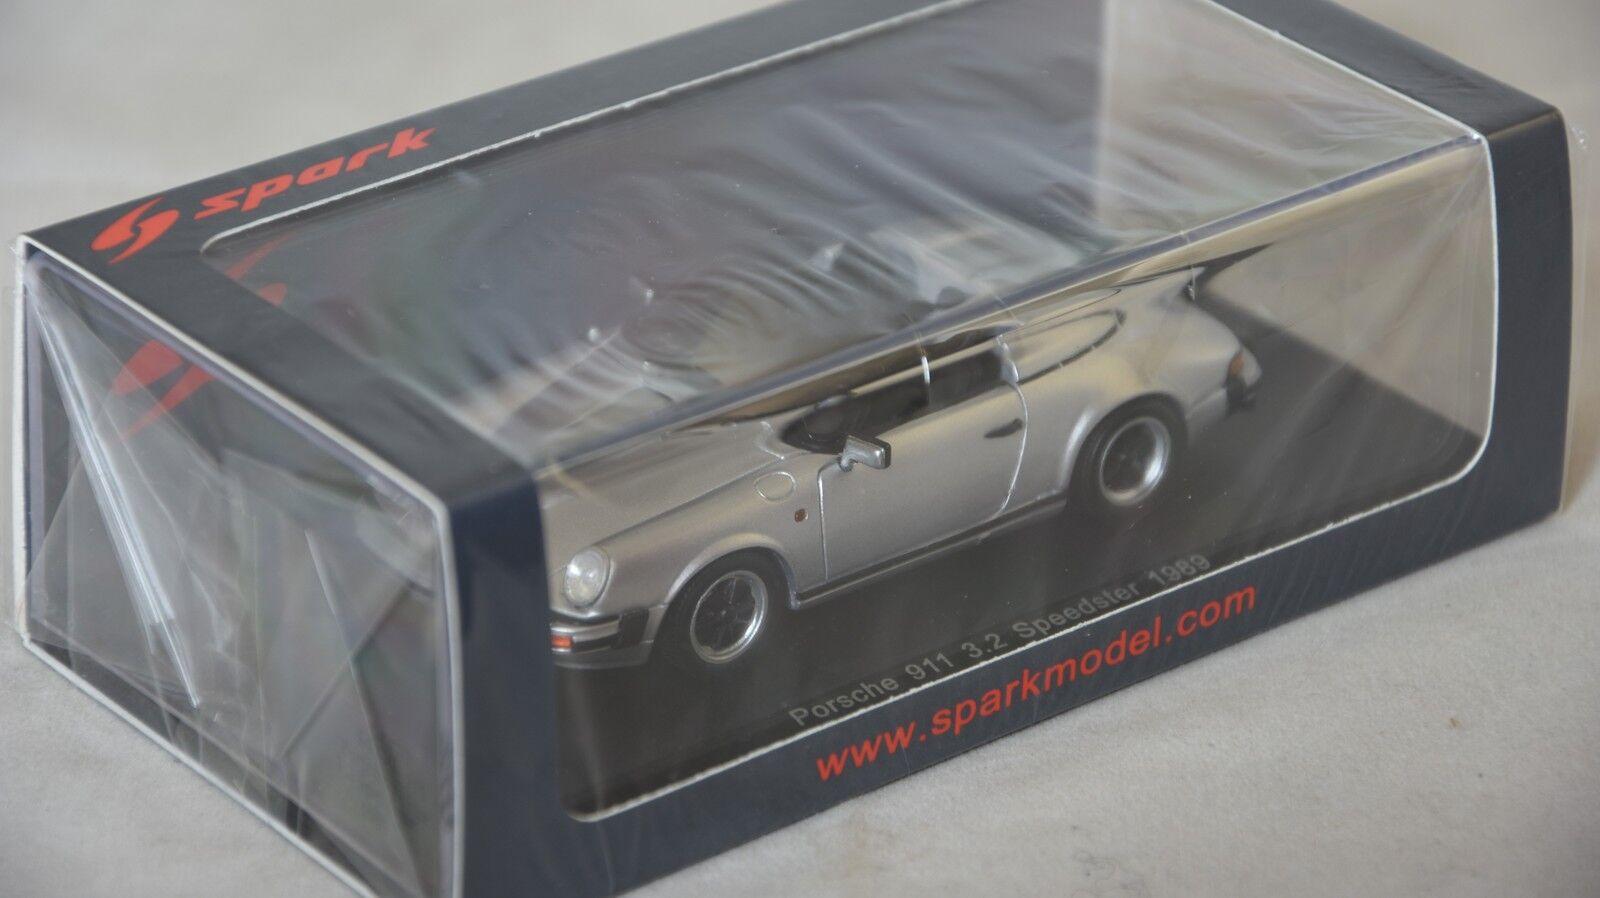 comprar mejor Spark S4470 - - -  PORSCHE 911 3.2 Speedster 1989 plata 1 43  todos los bienes son especiales